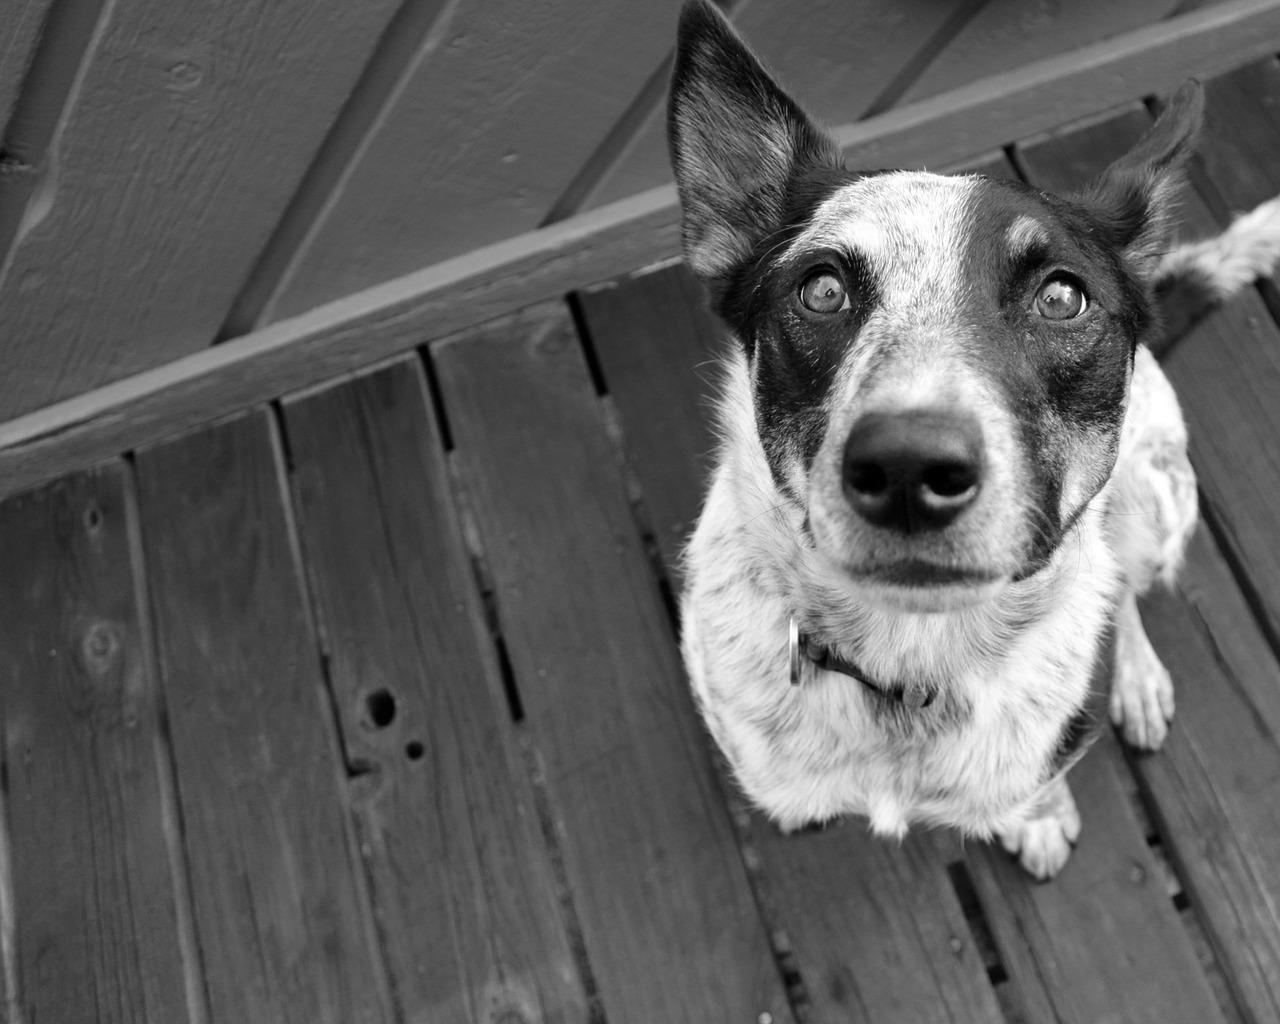 cane con le zampe storte